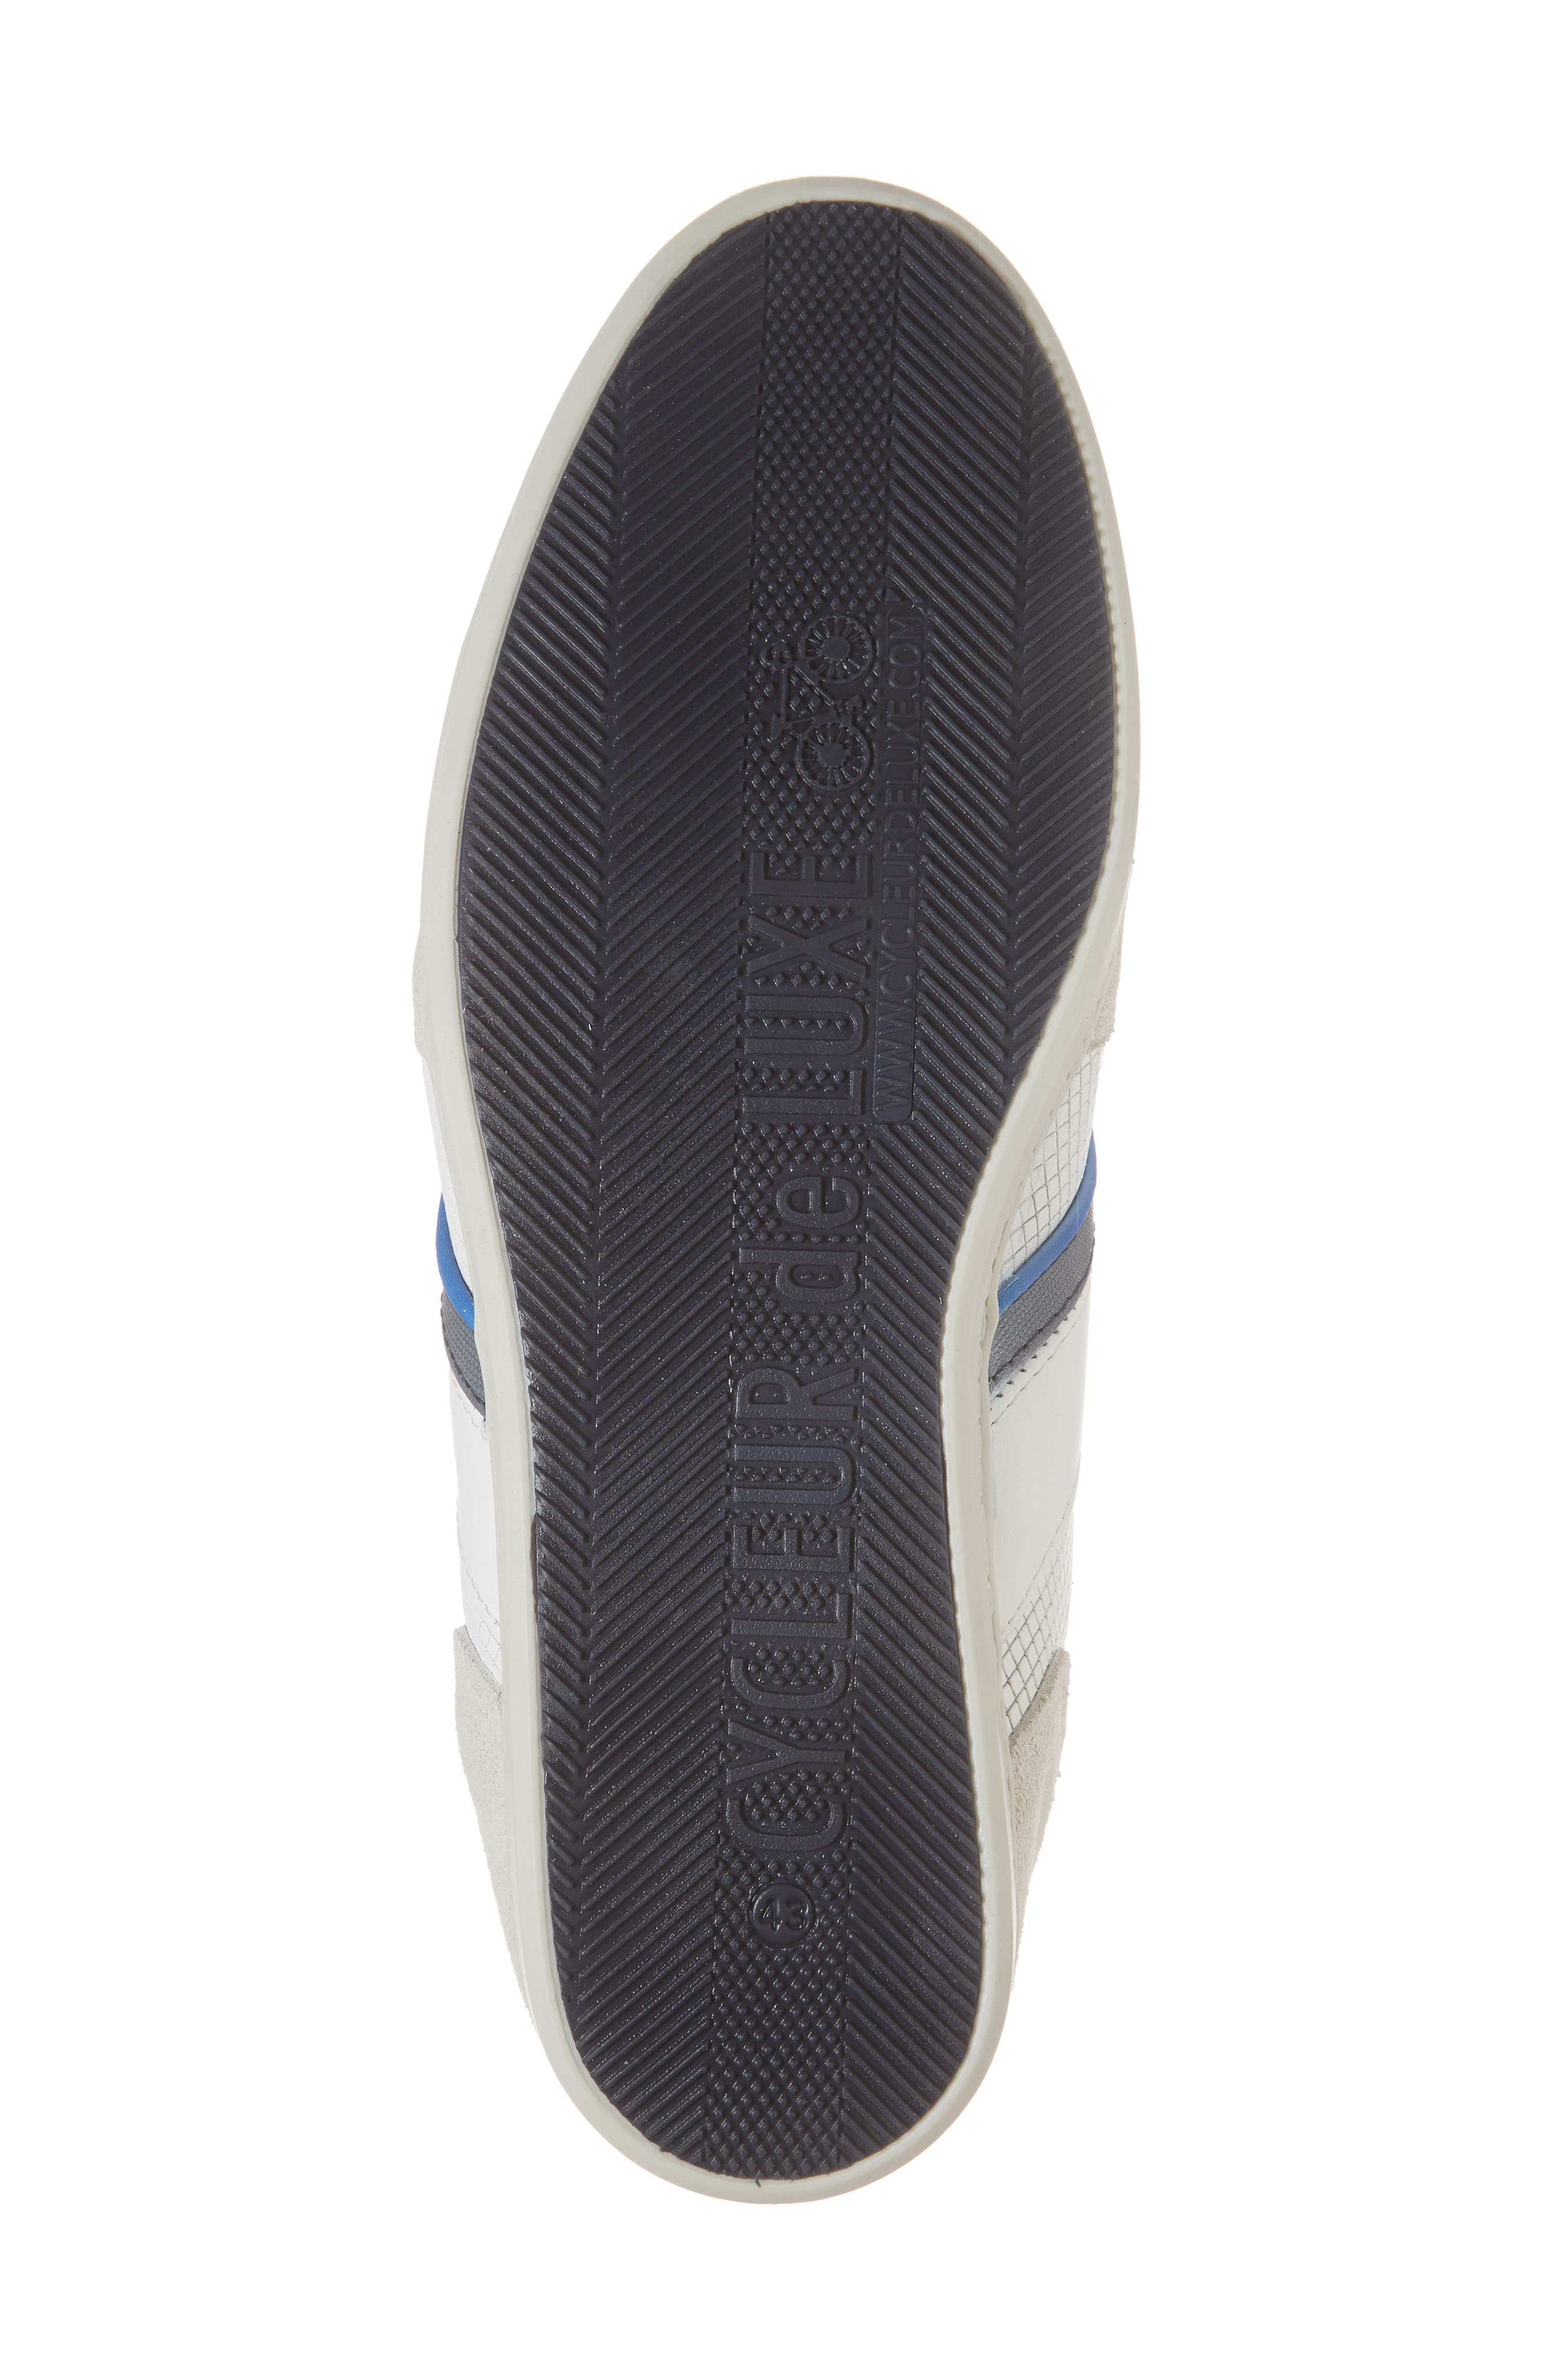 Bahamas Low Top Sneaker,                             Alternate thumbnail 6, color,                             100